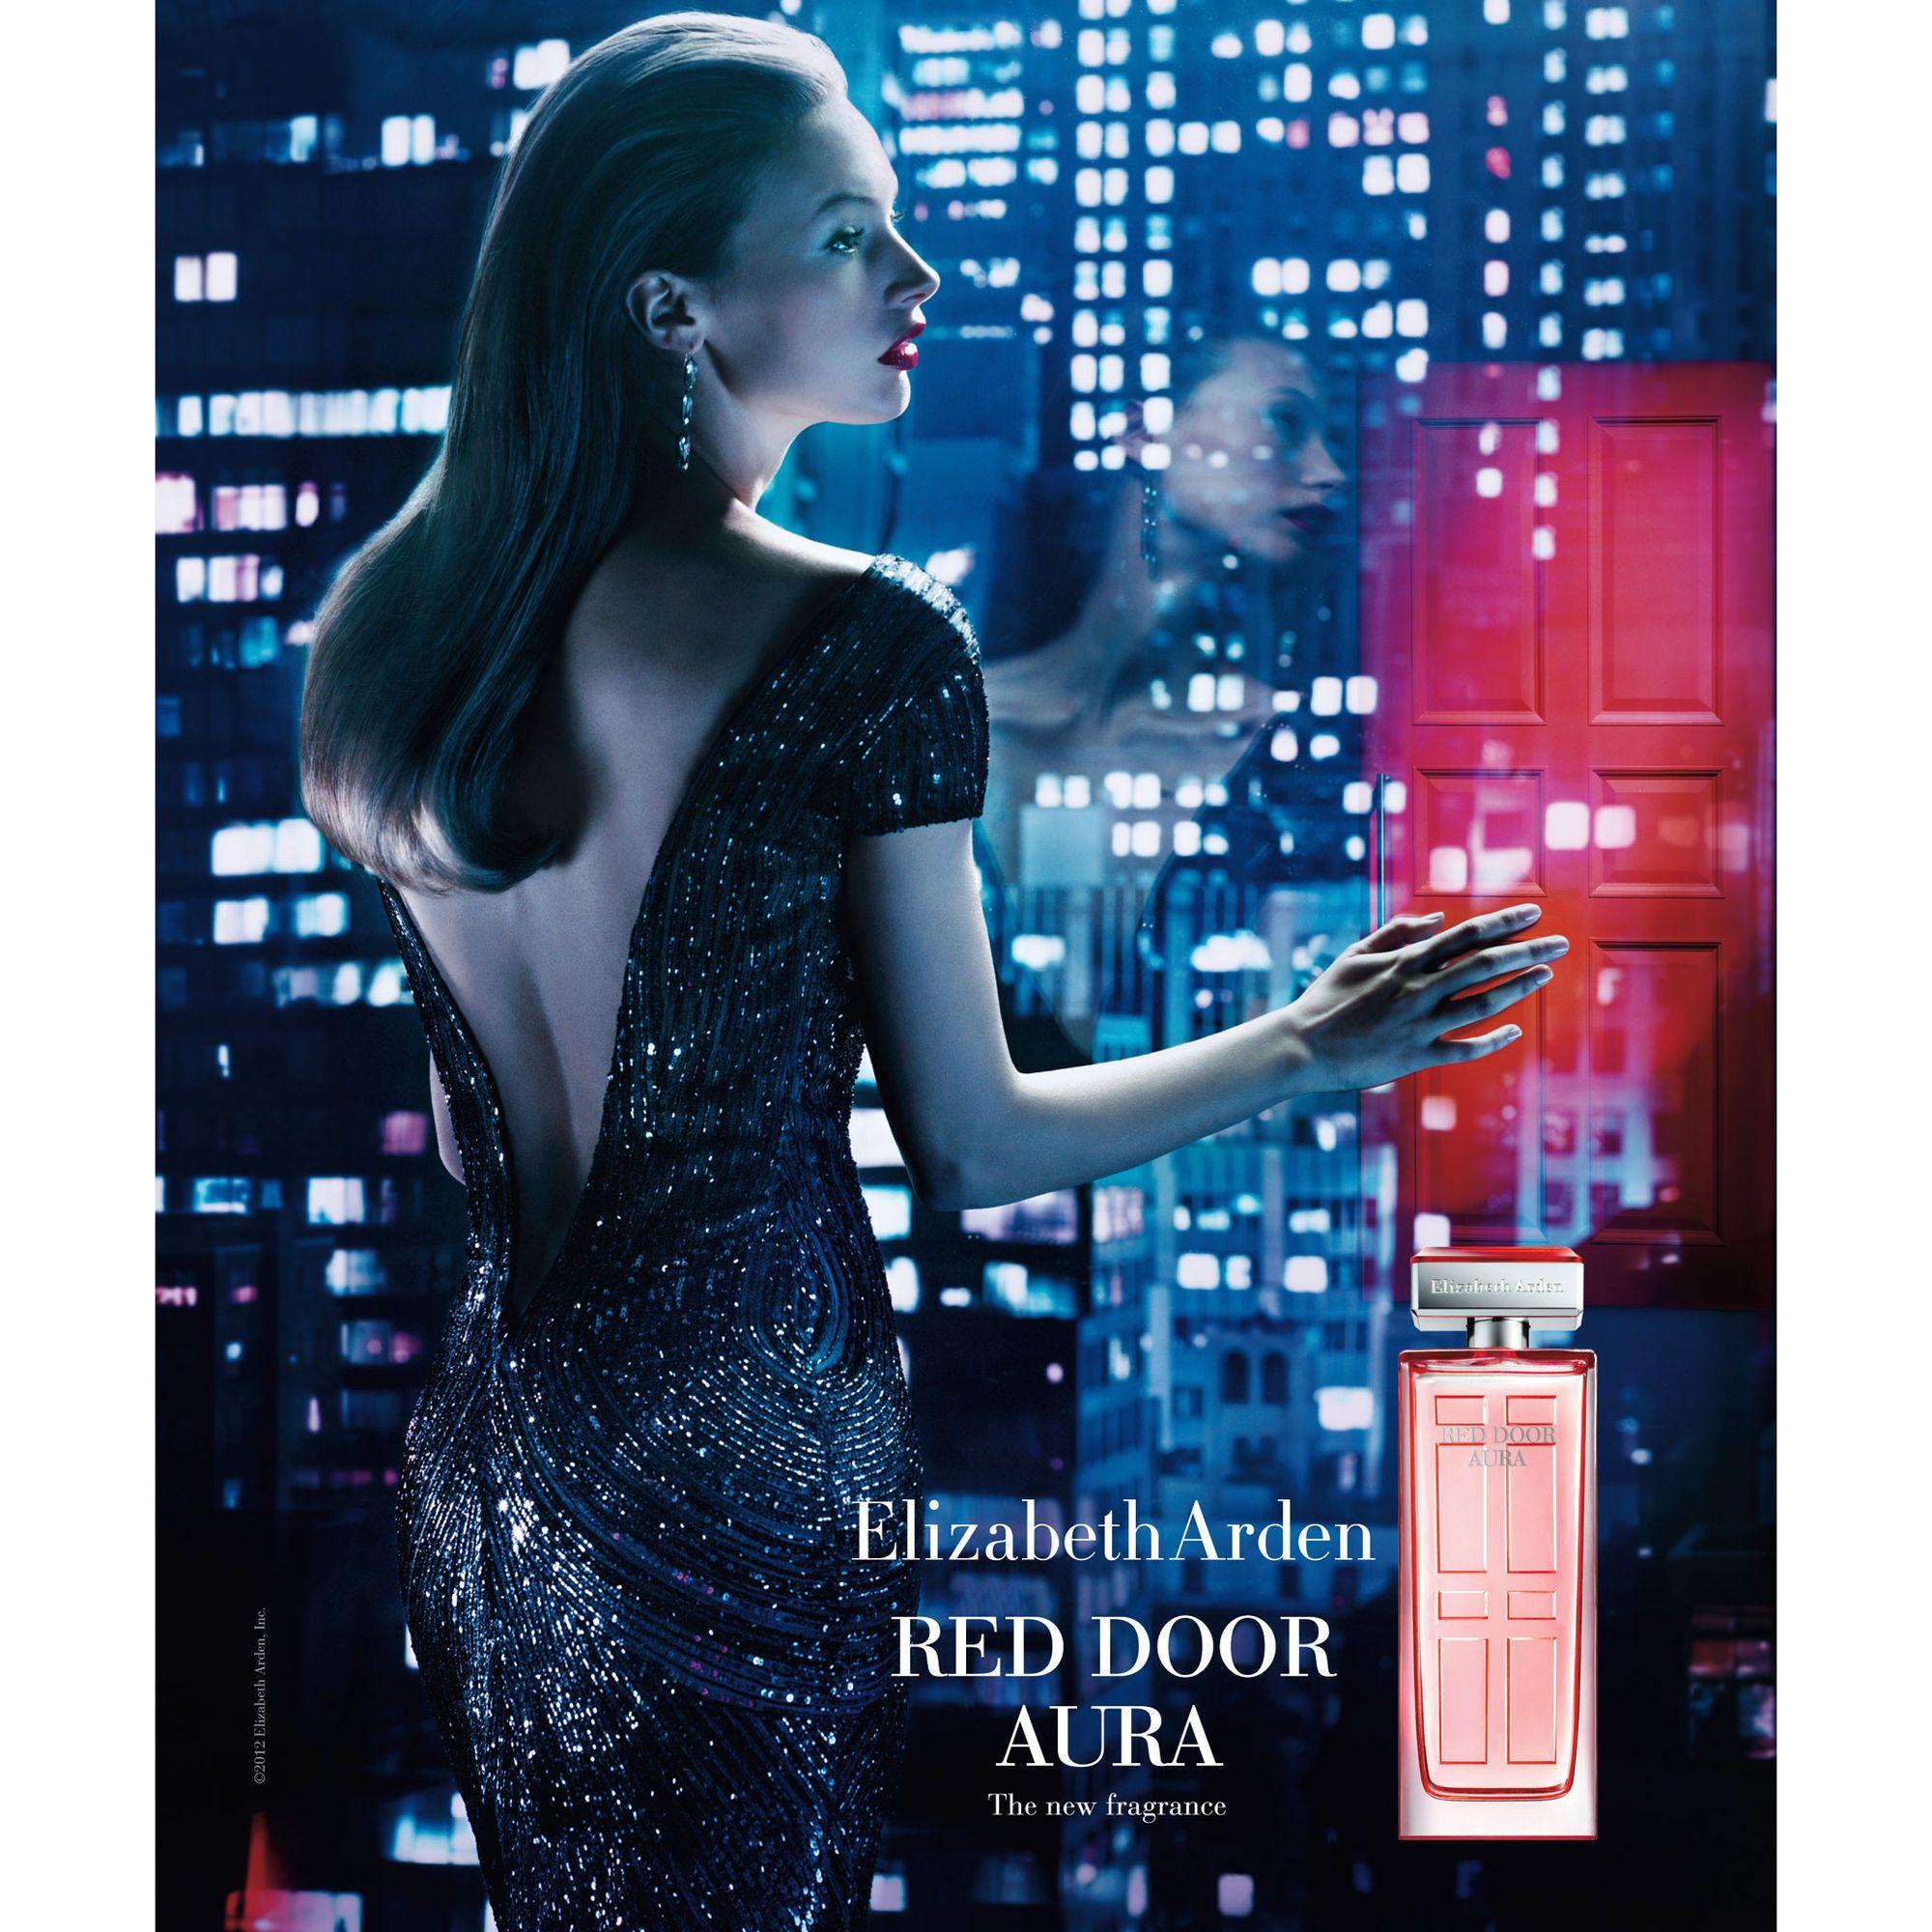 Elizabeth Arden Red Door Perfume Ad